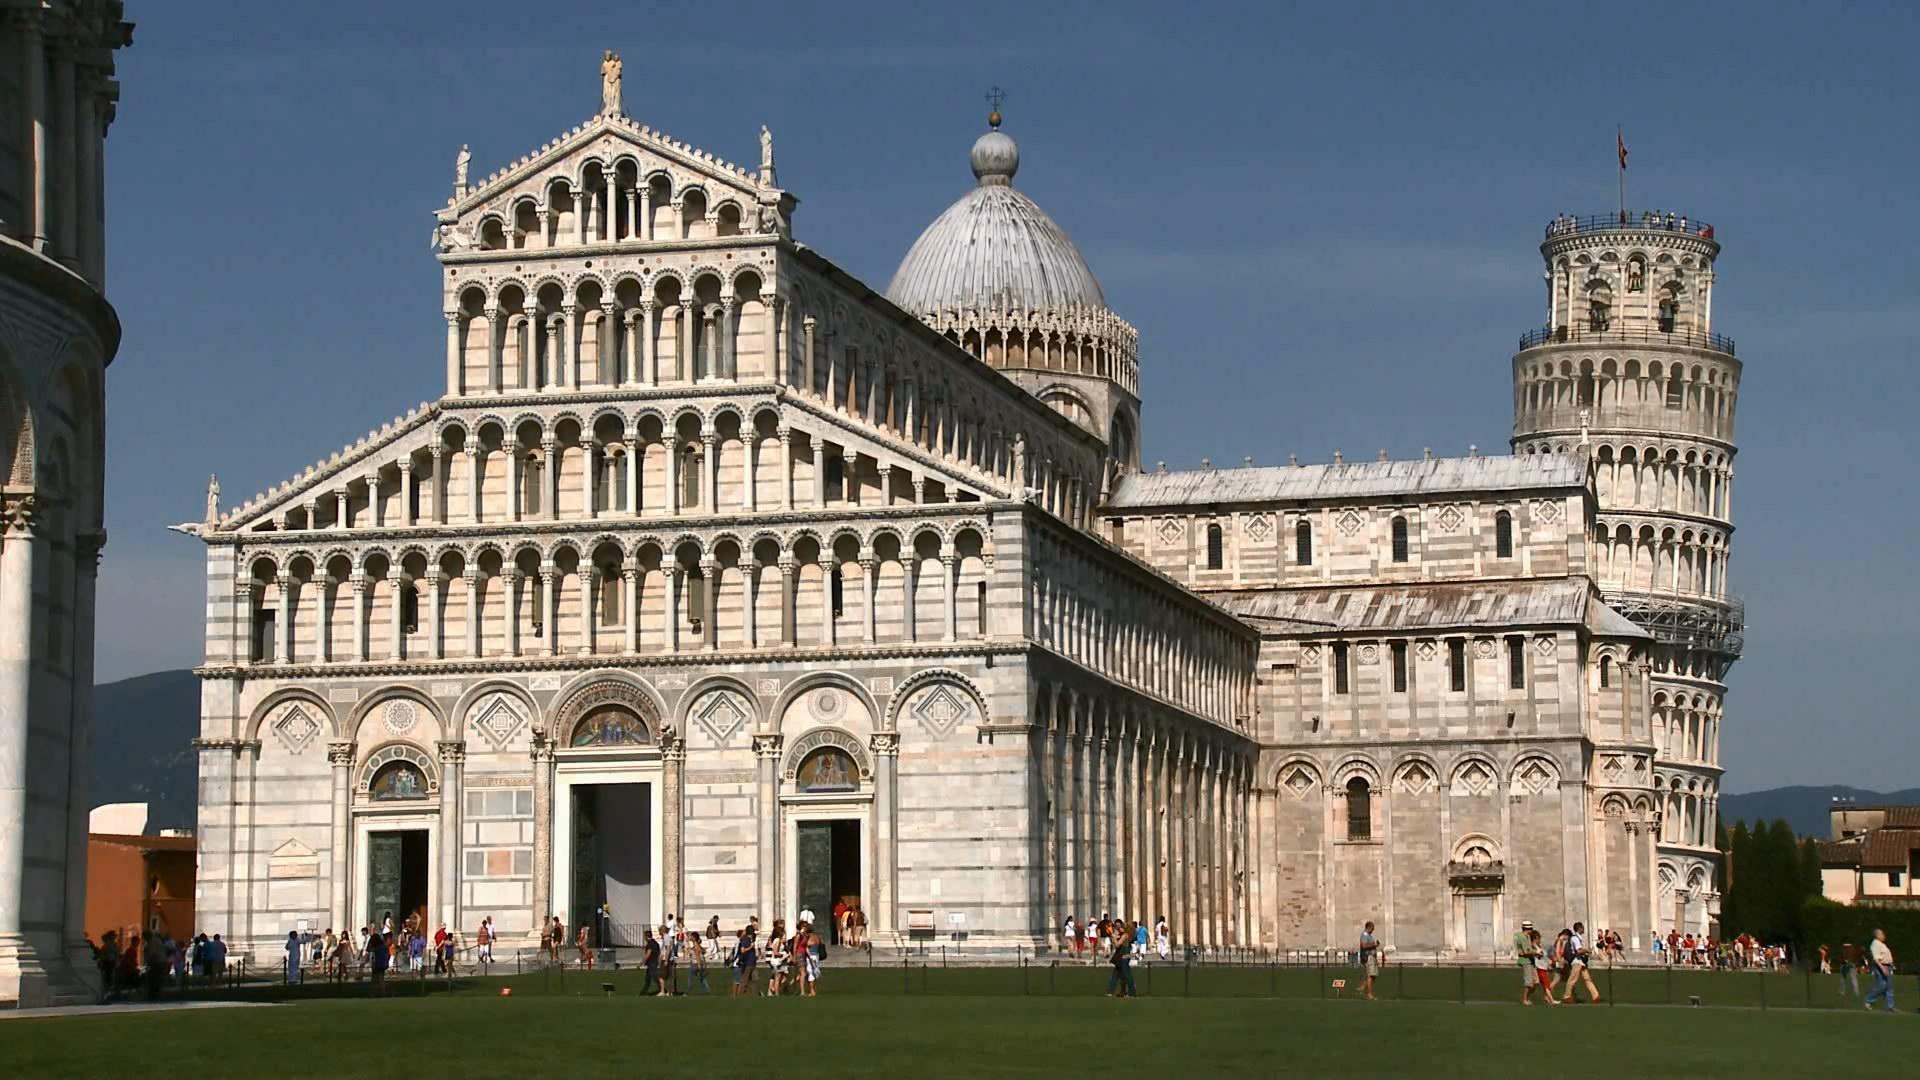 世界著名旅游景点 名胜建筑物意大利比萨斜塔前的建筑与人流